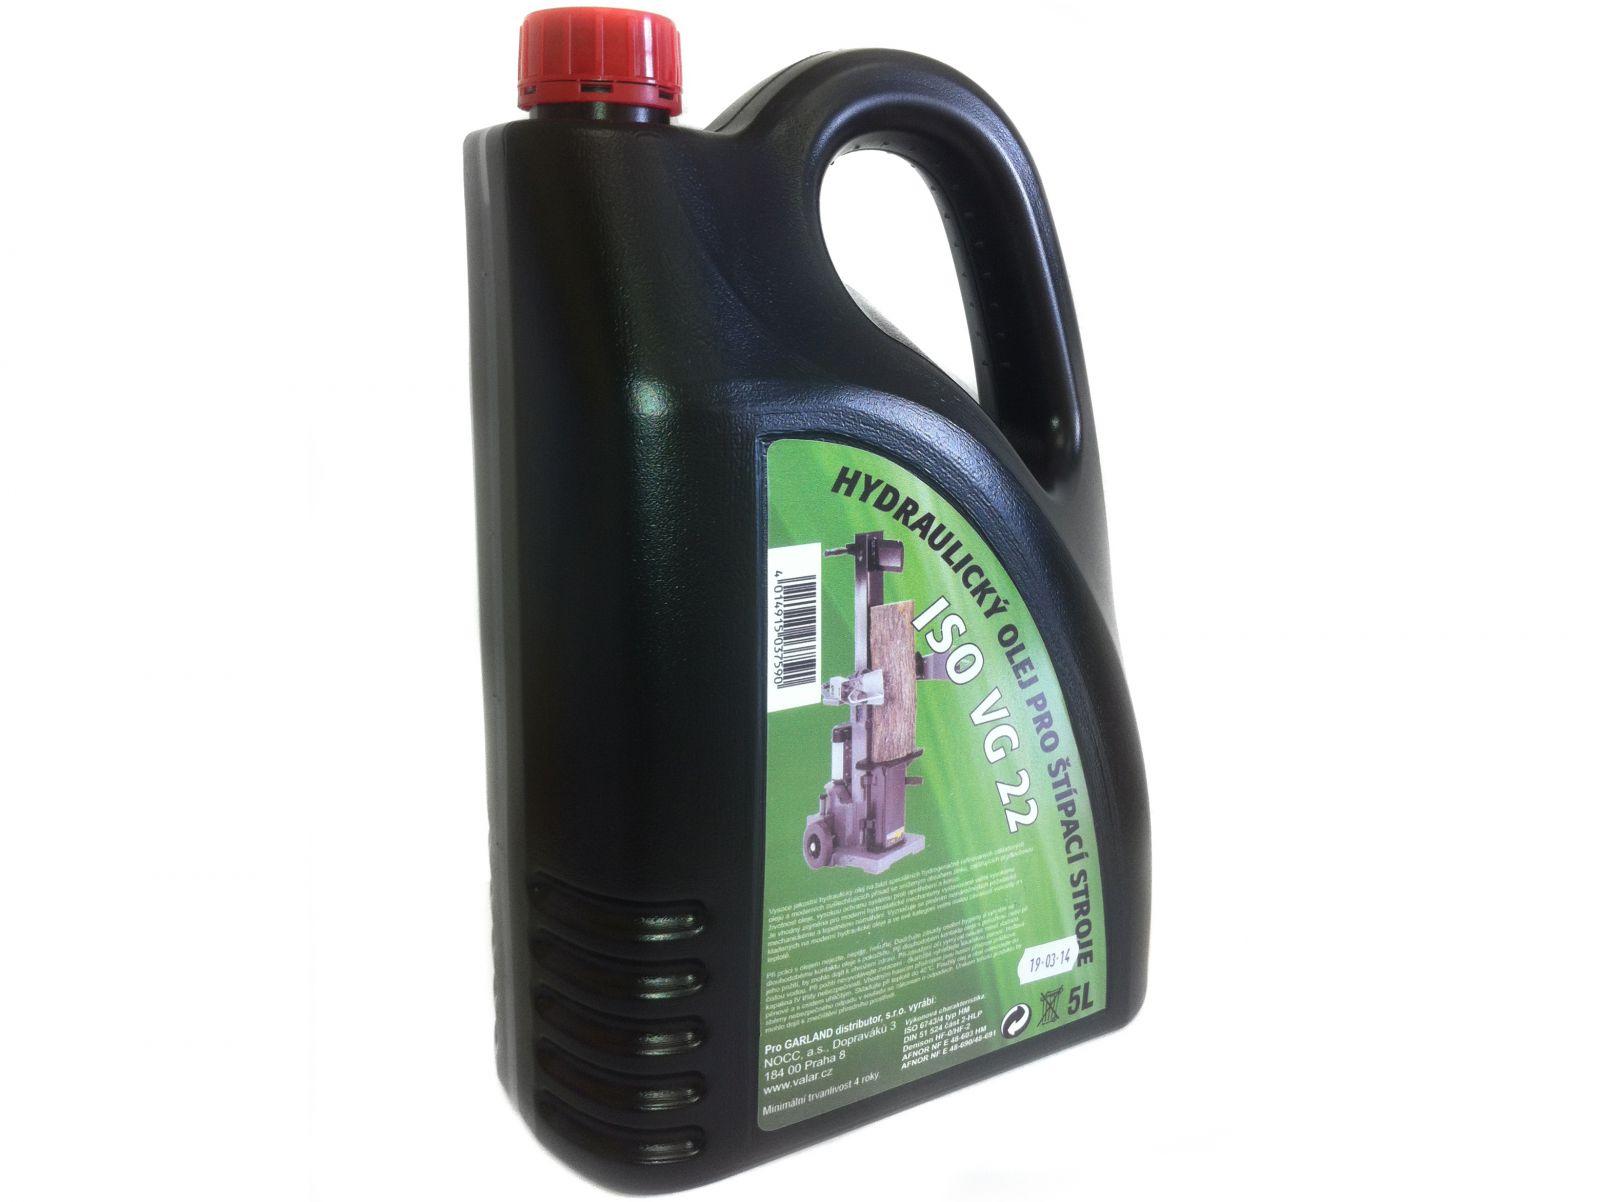 Hydraulický olej Scheppach Woodster 5L nejen pro štípače dřeva (ISO VG 22, 6743/4, DIN 51 524))